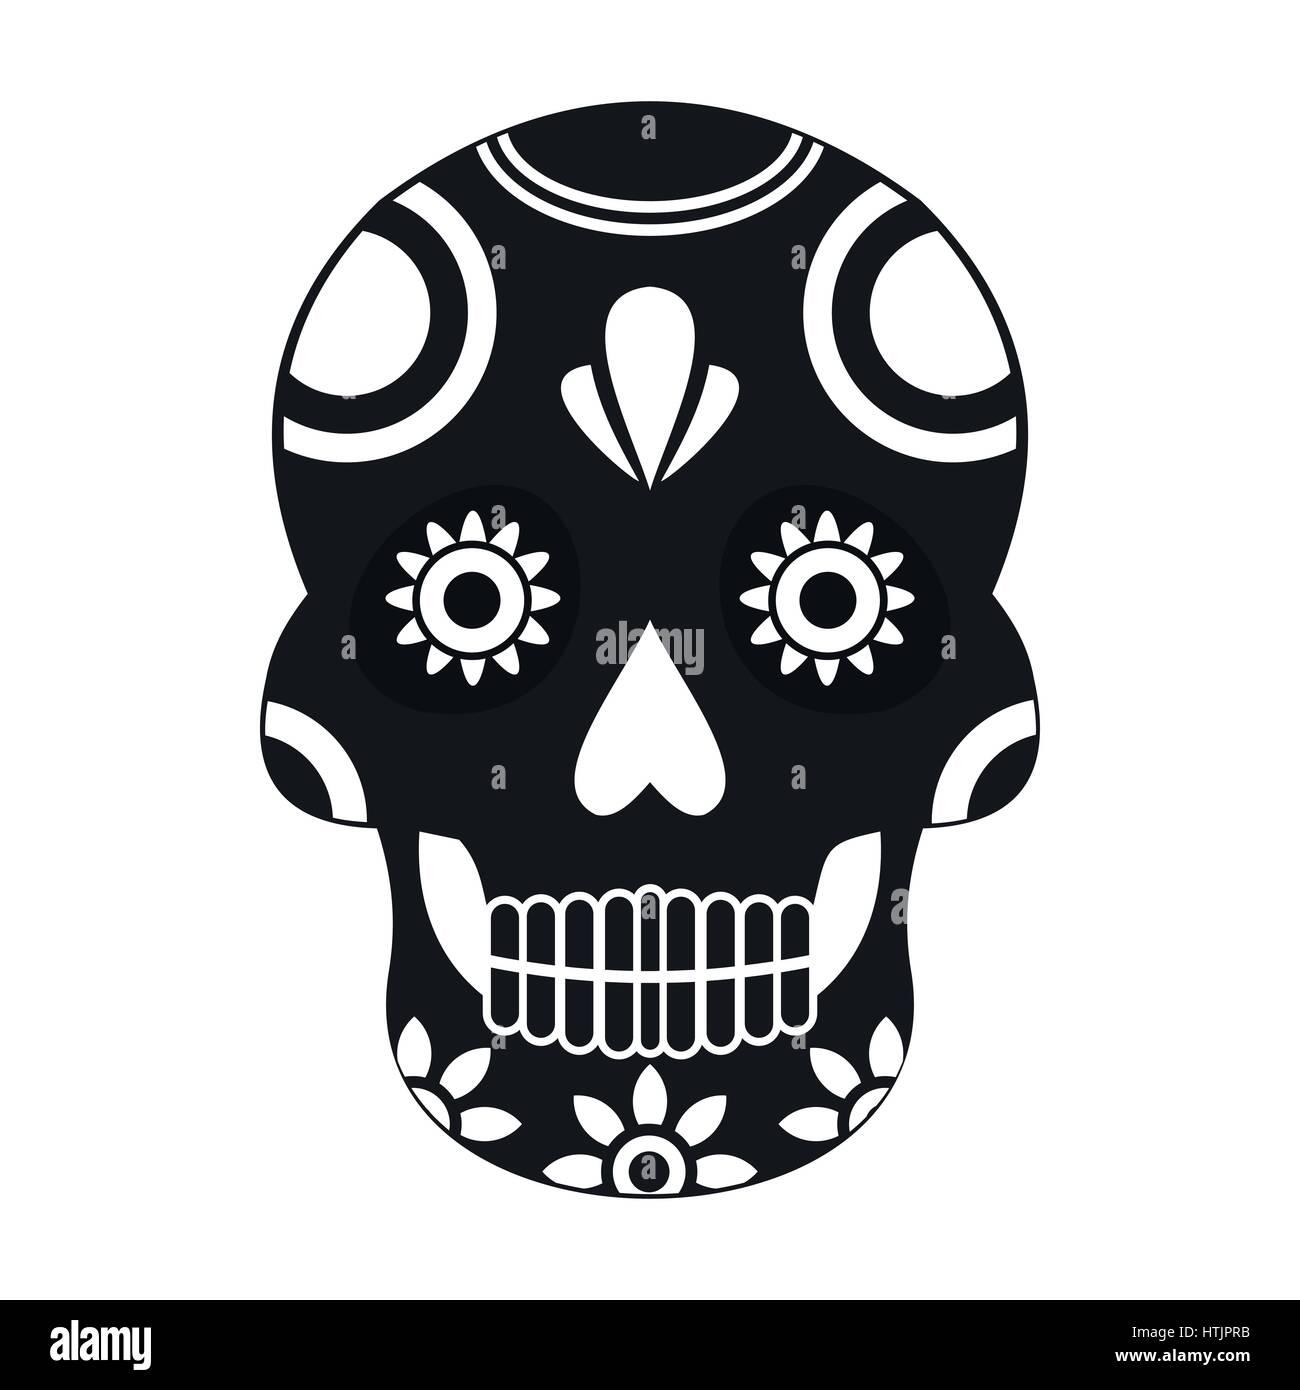 Malerisch Mexikanischer Totenkopf Foto Von Mexikanische Totenkopf-symbol, Einfachen Stil